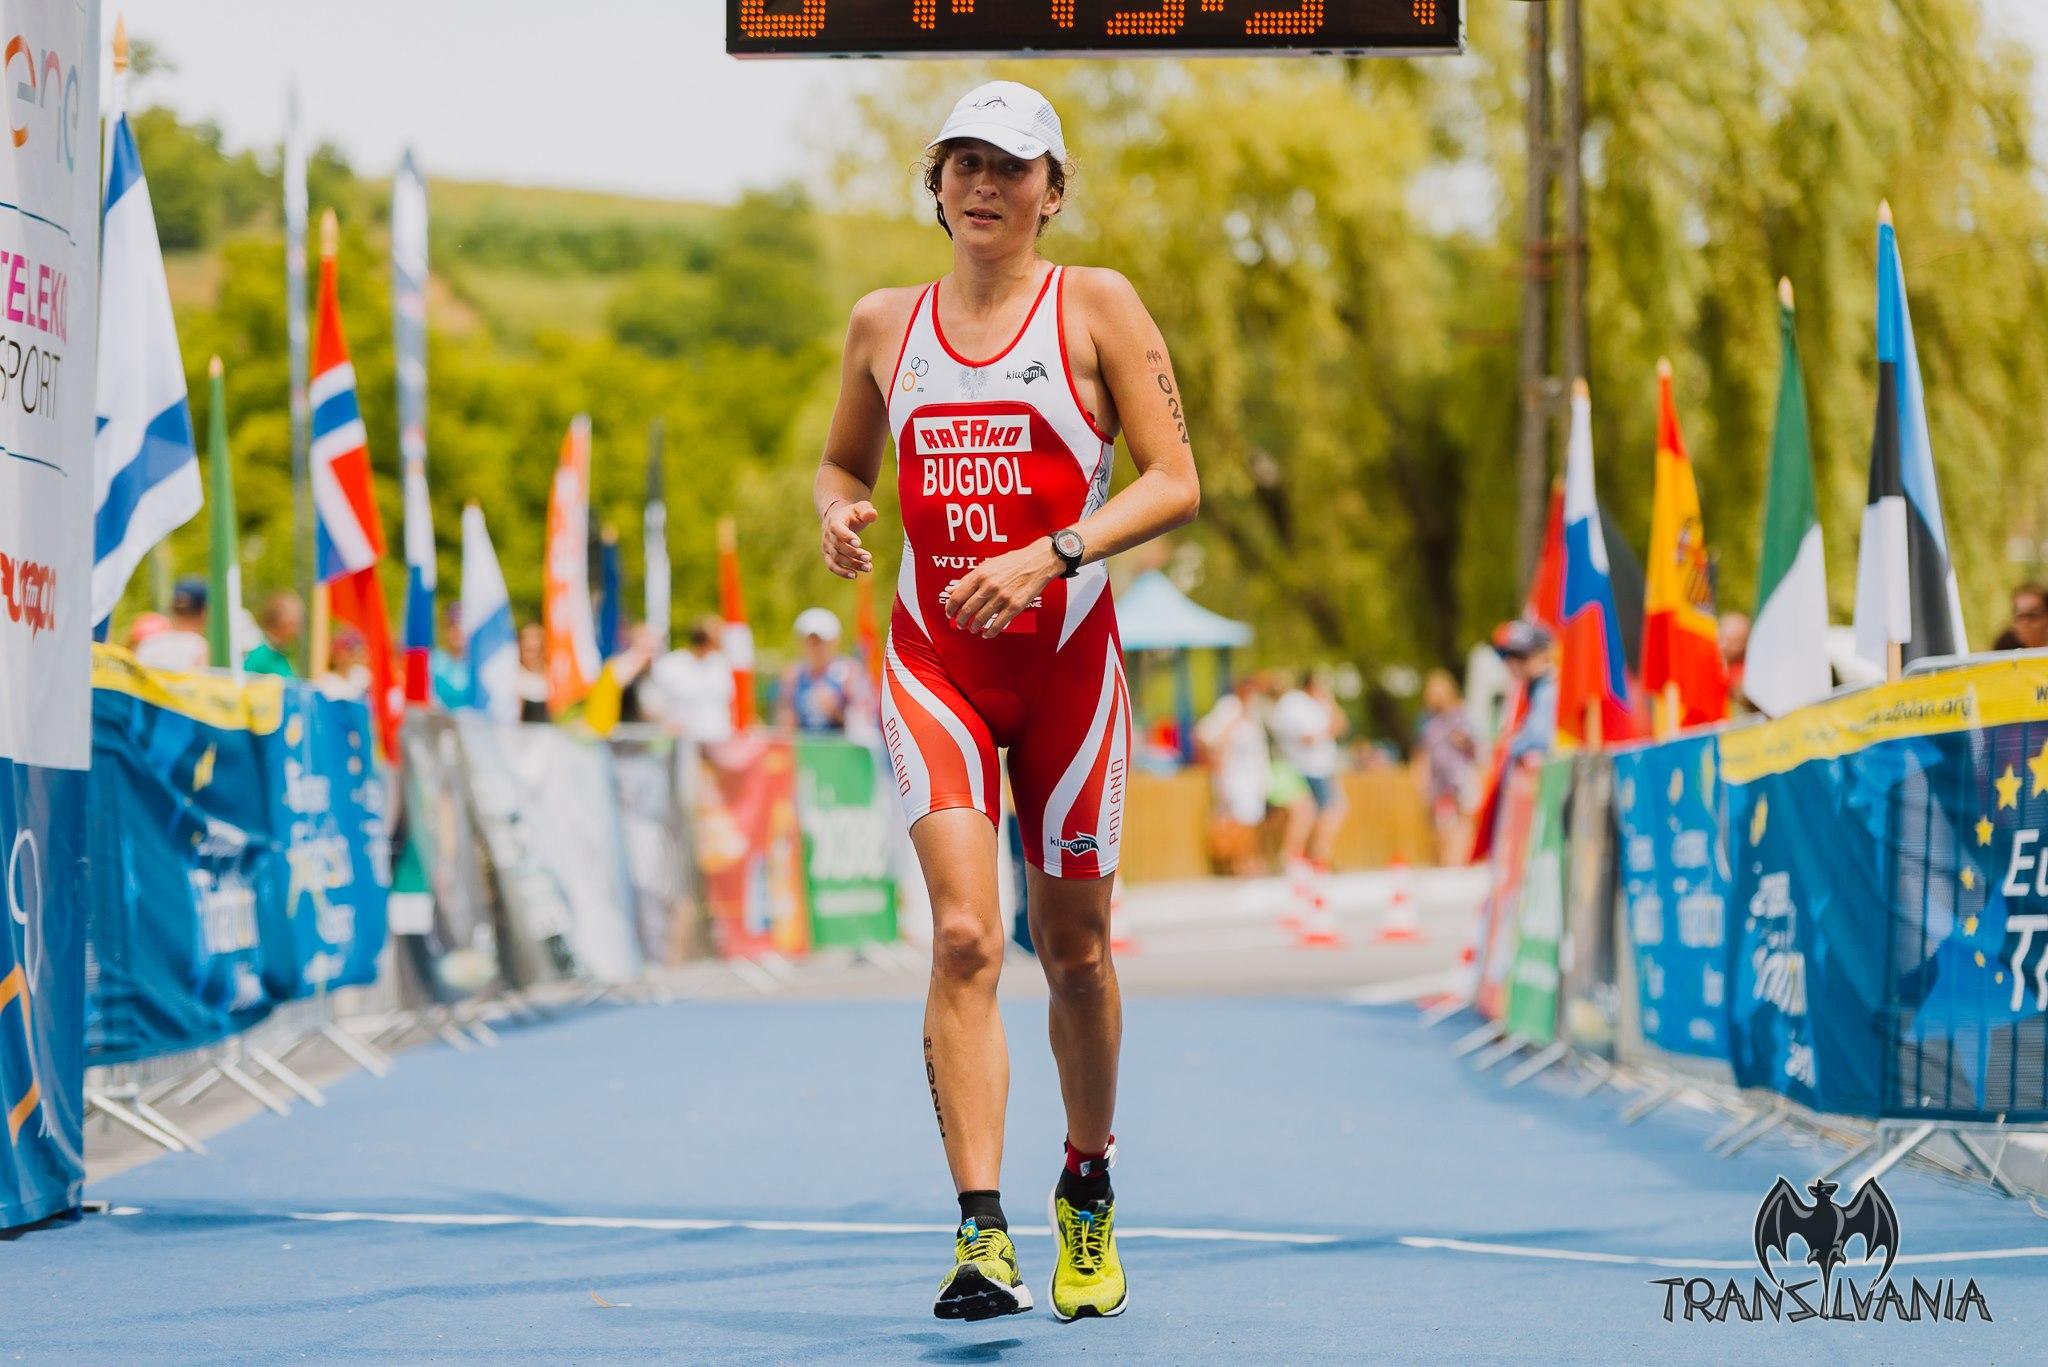 Ewa Bugdoł Wicemistrzynią Europy w triathlonie na dystansie średnim!